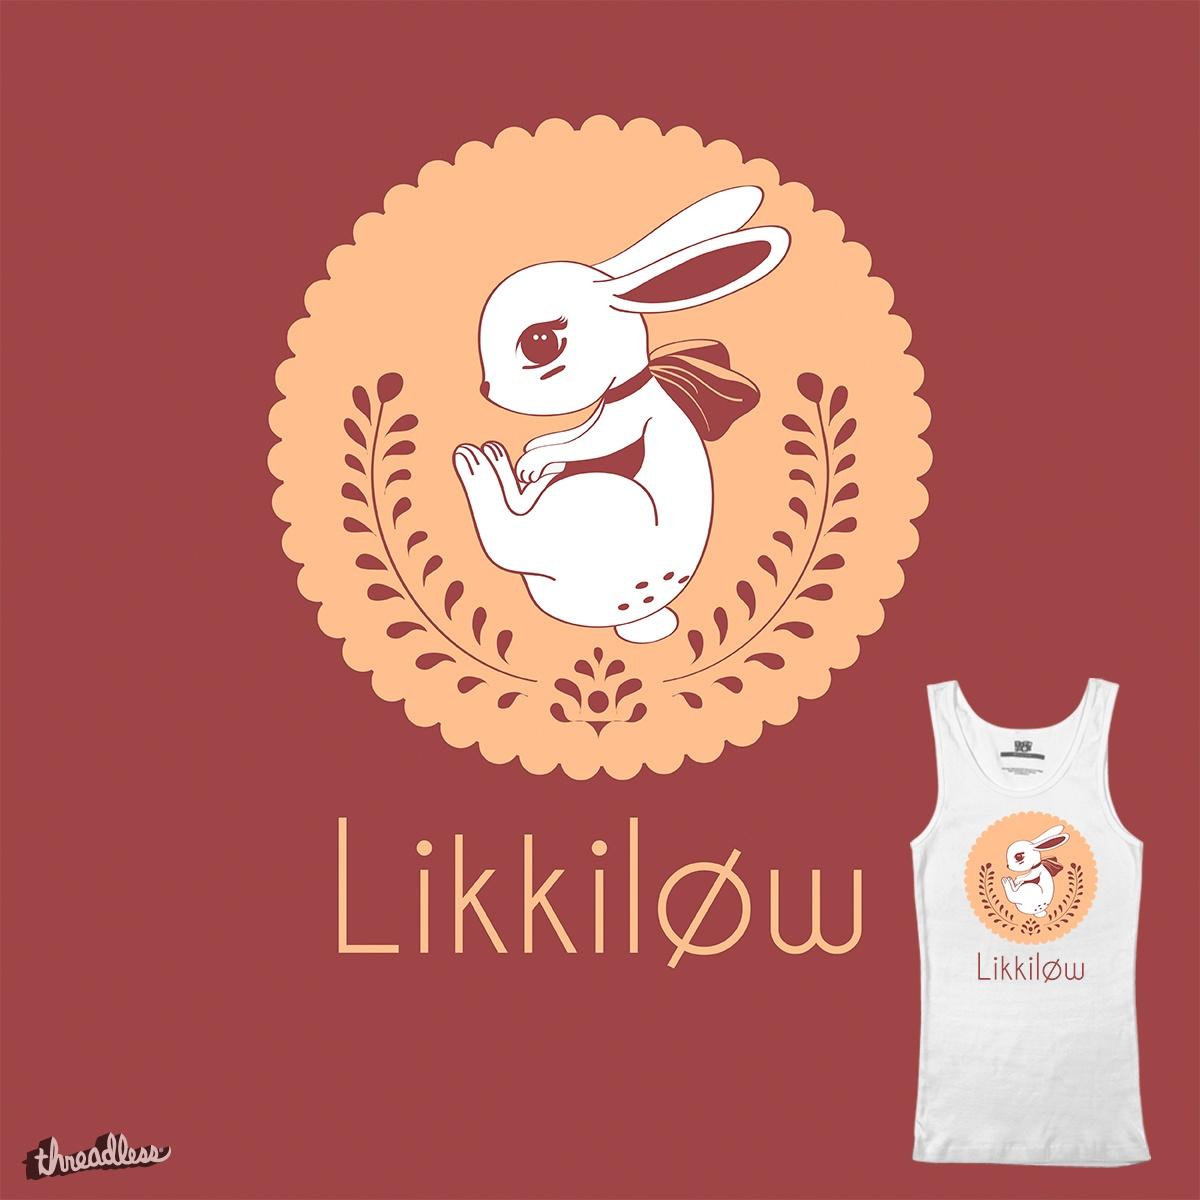 Likkilow's Bunny by Likkilow on Threadless